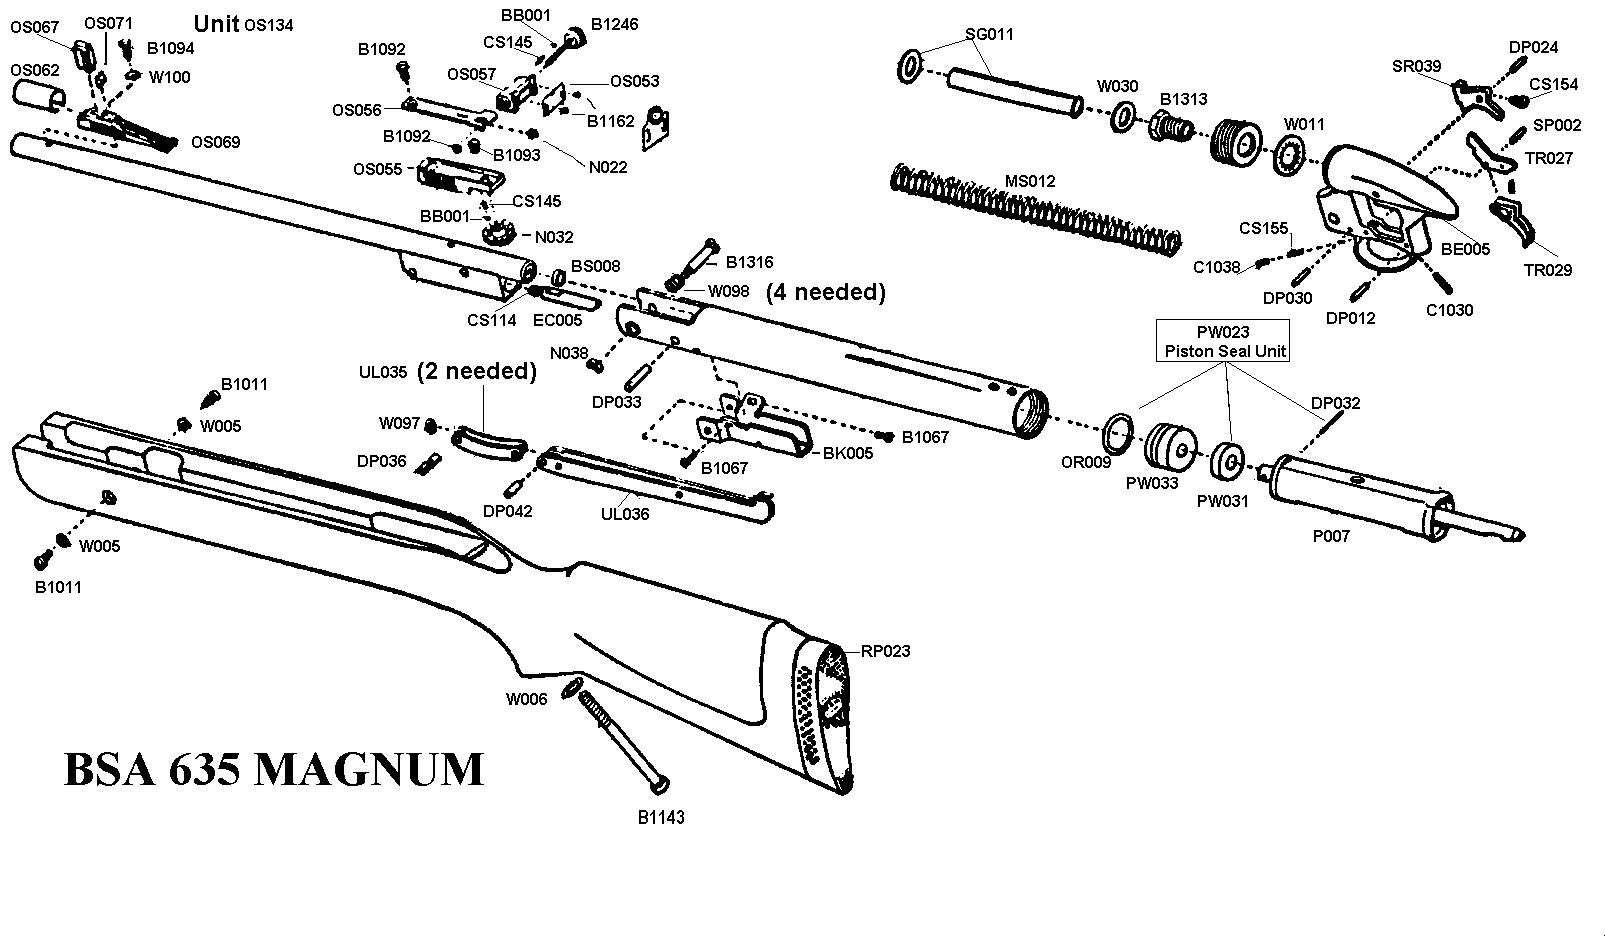 Bsa 635 Magnum